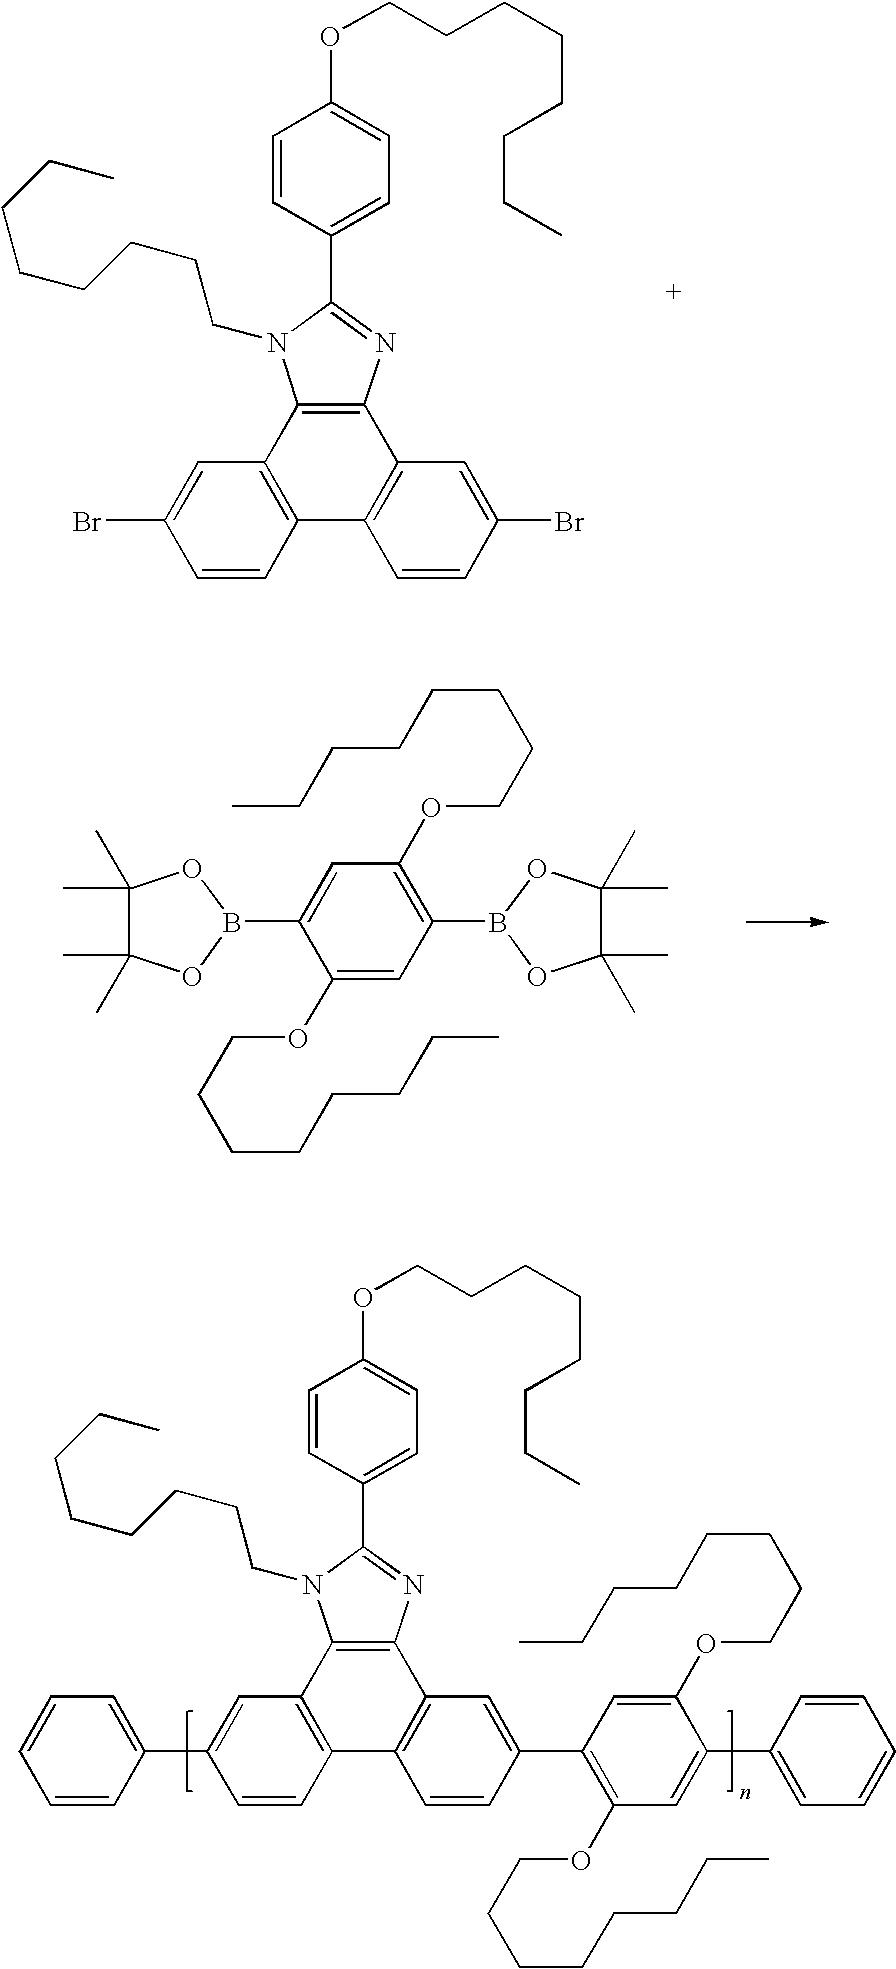 Figure US20090105447A1-20090423-C00228